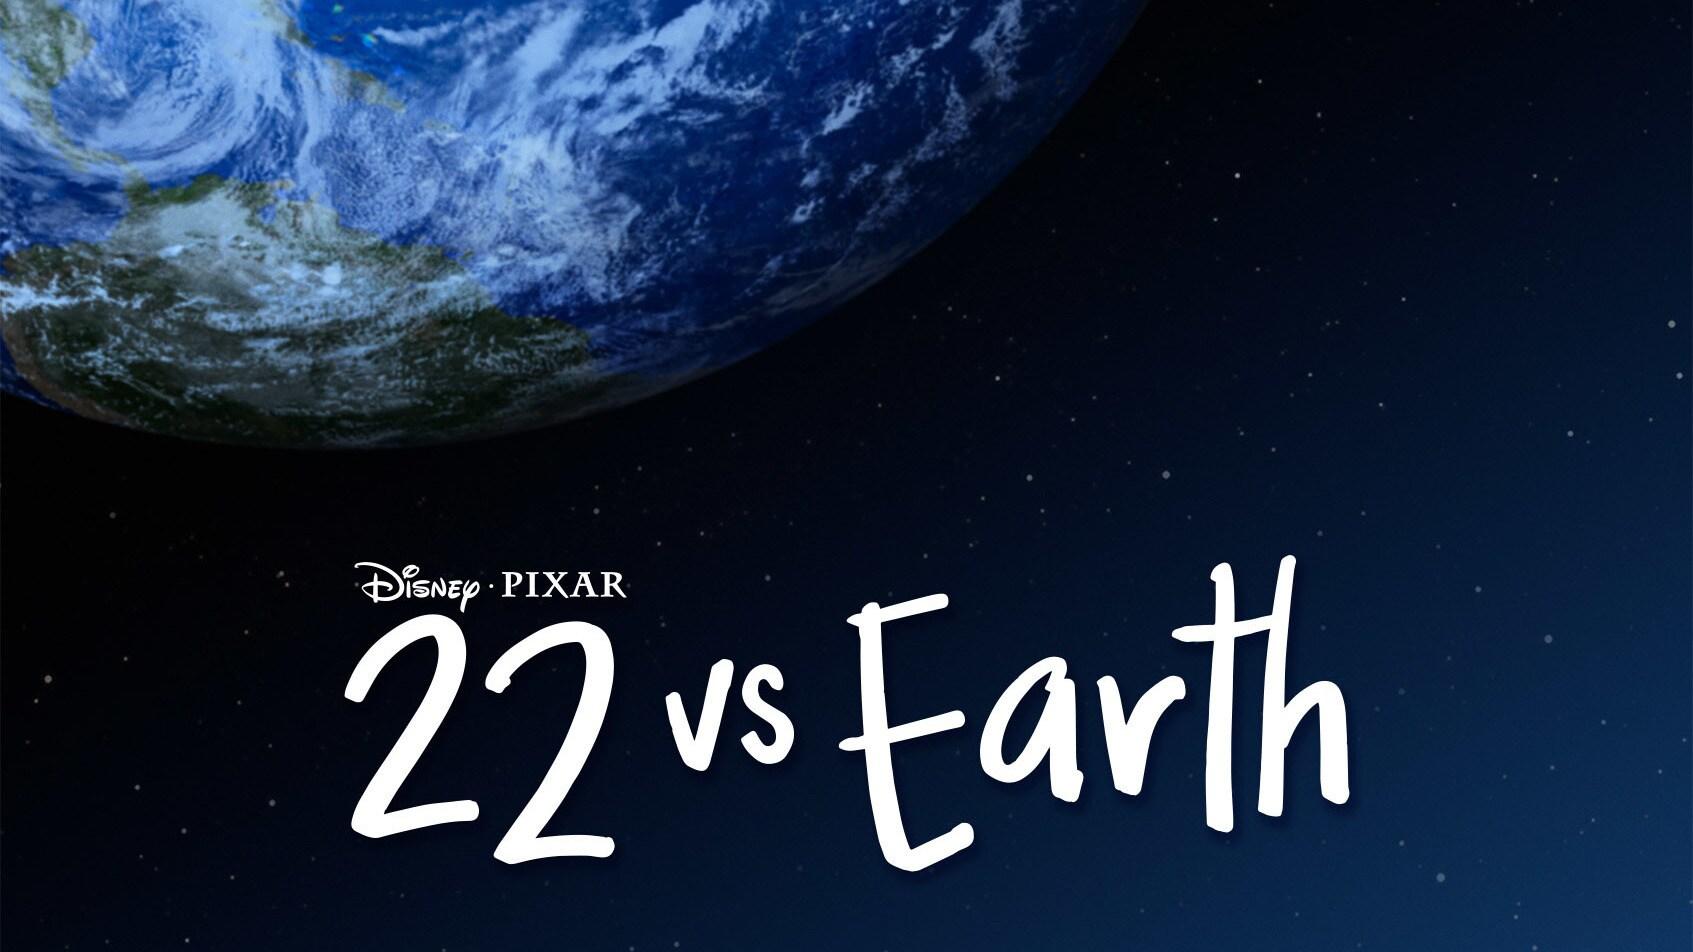 22 vs. Earth Key Art